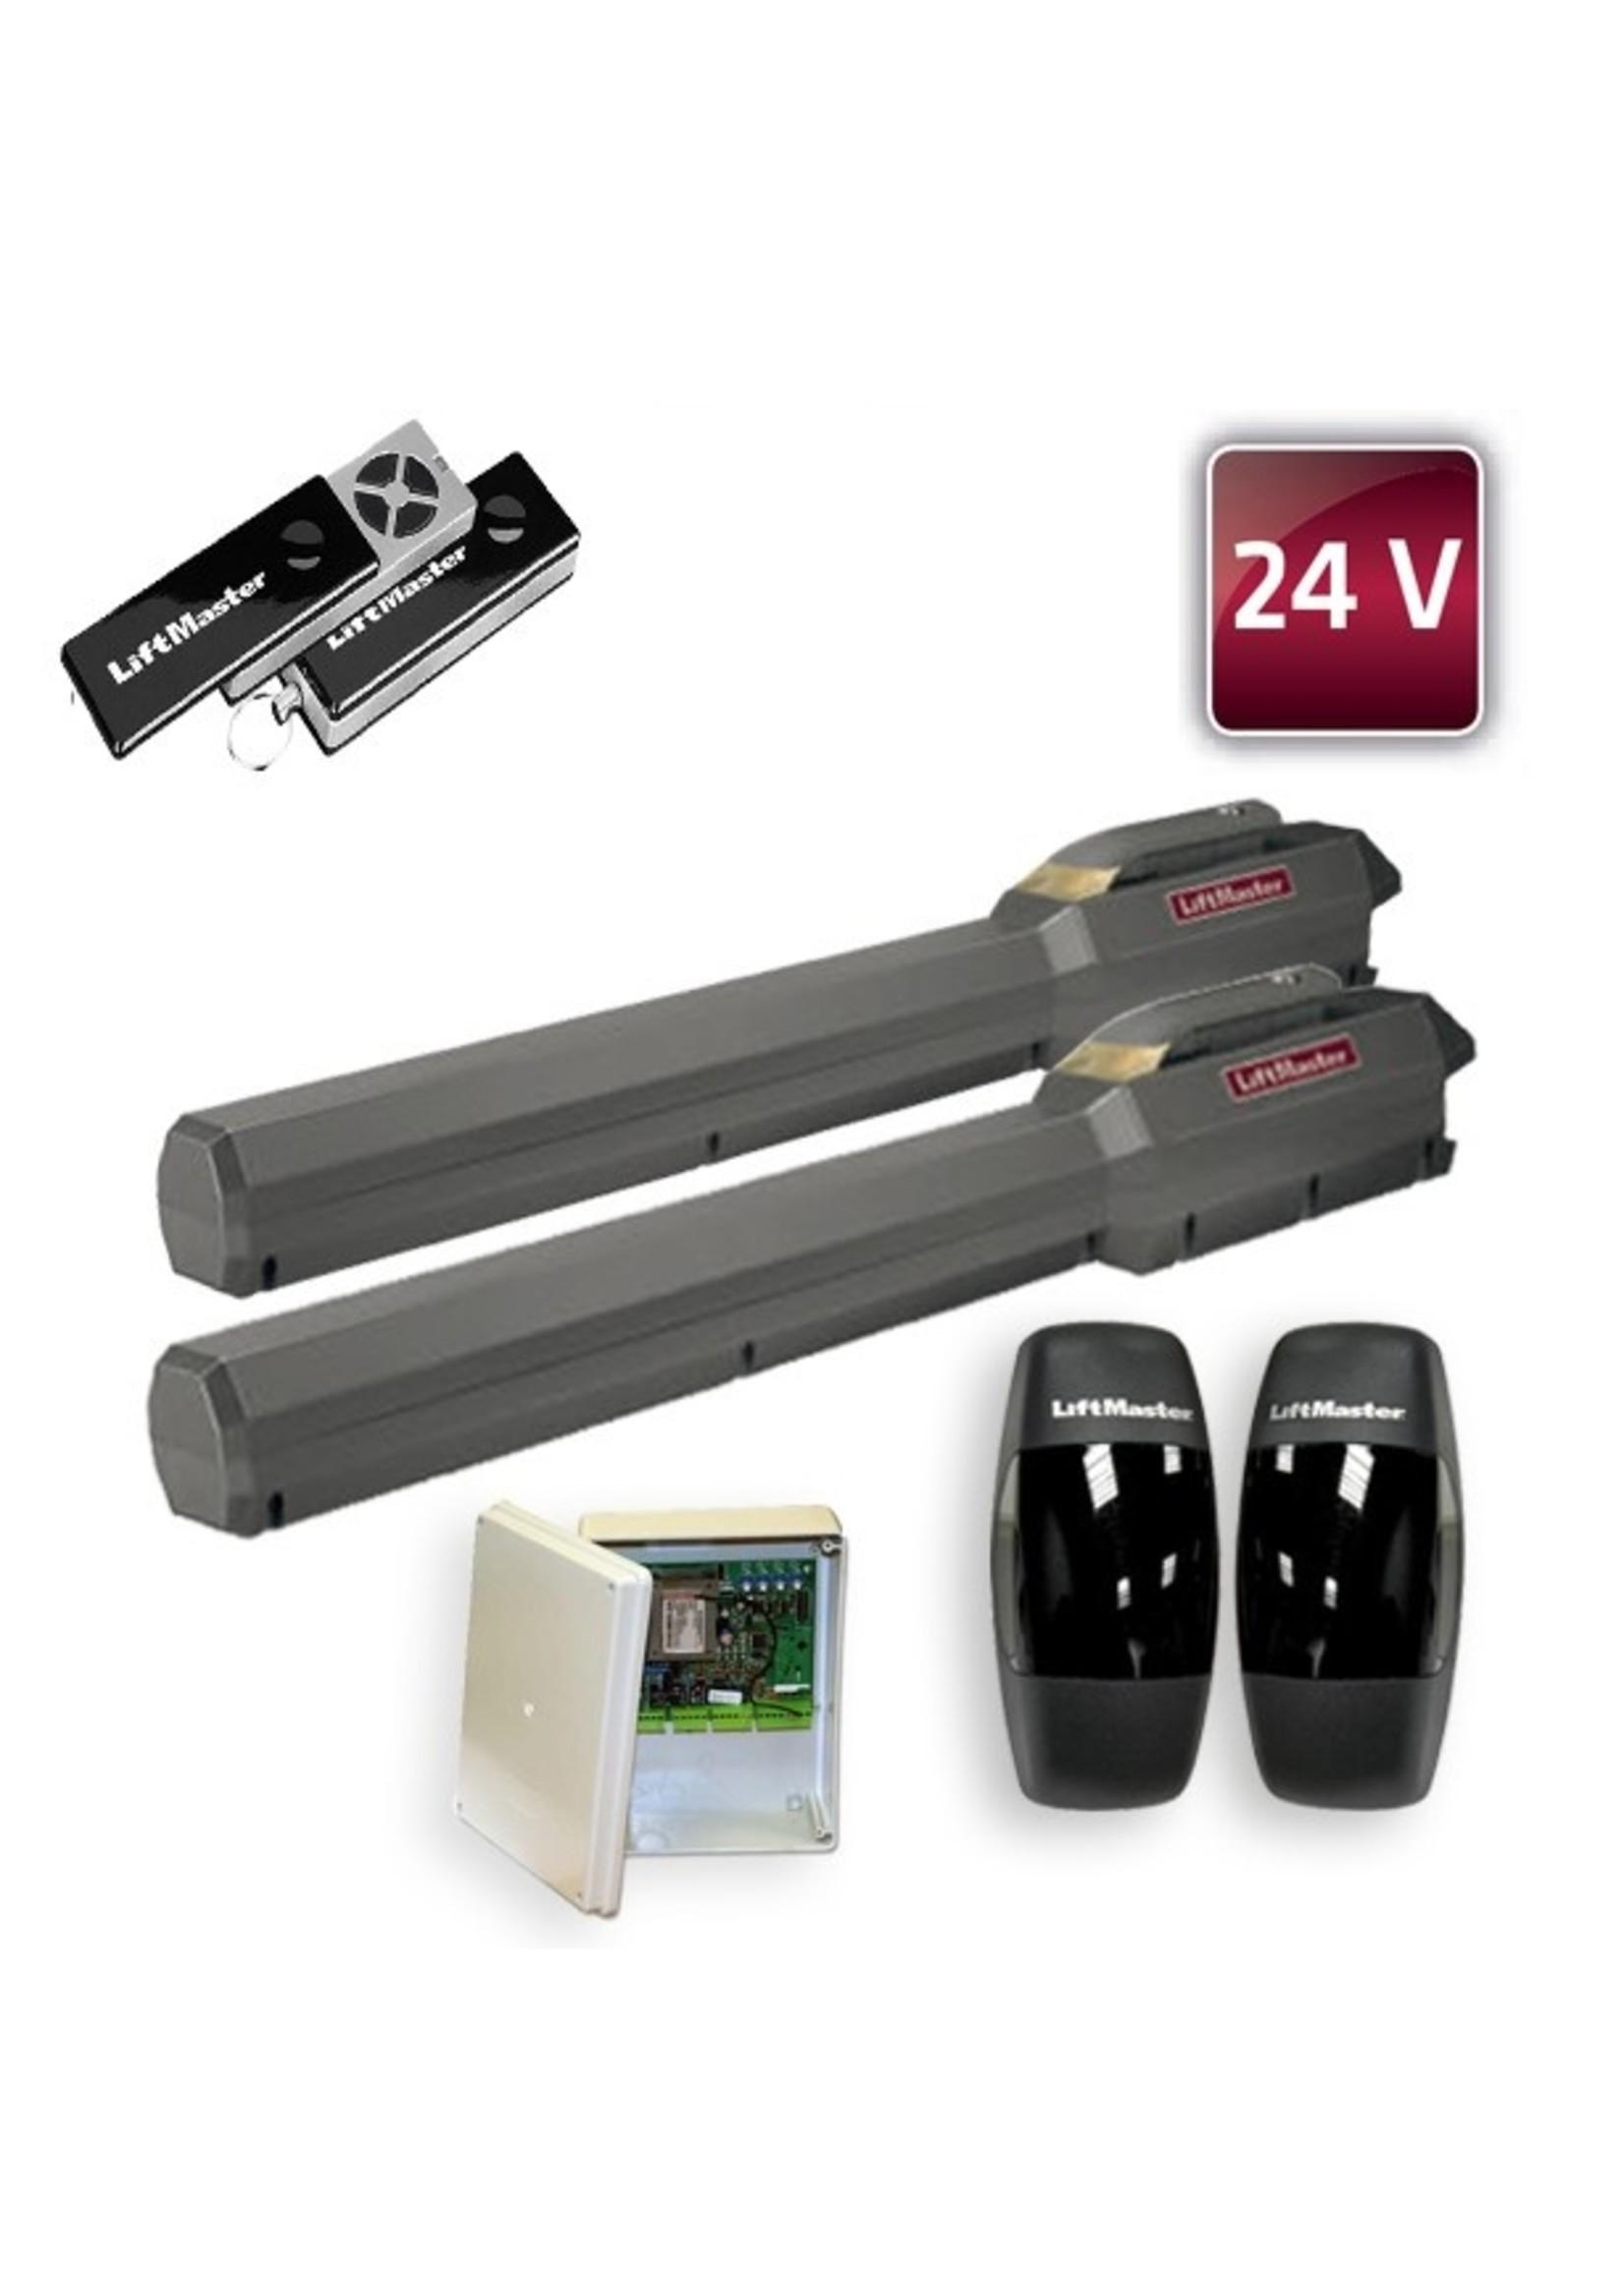 Liftmaster SCS524K 24V automatisme portail à battants SCS500